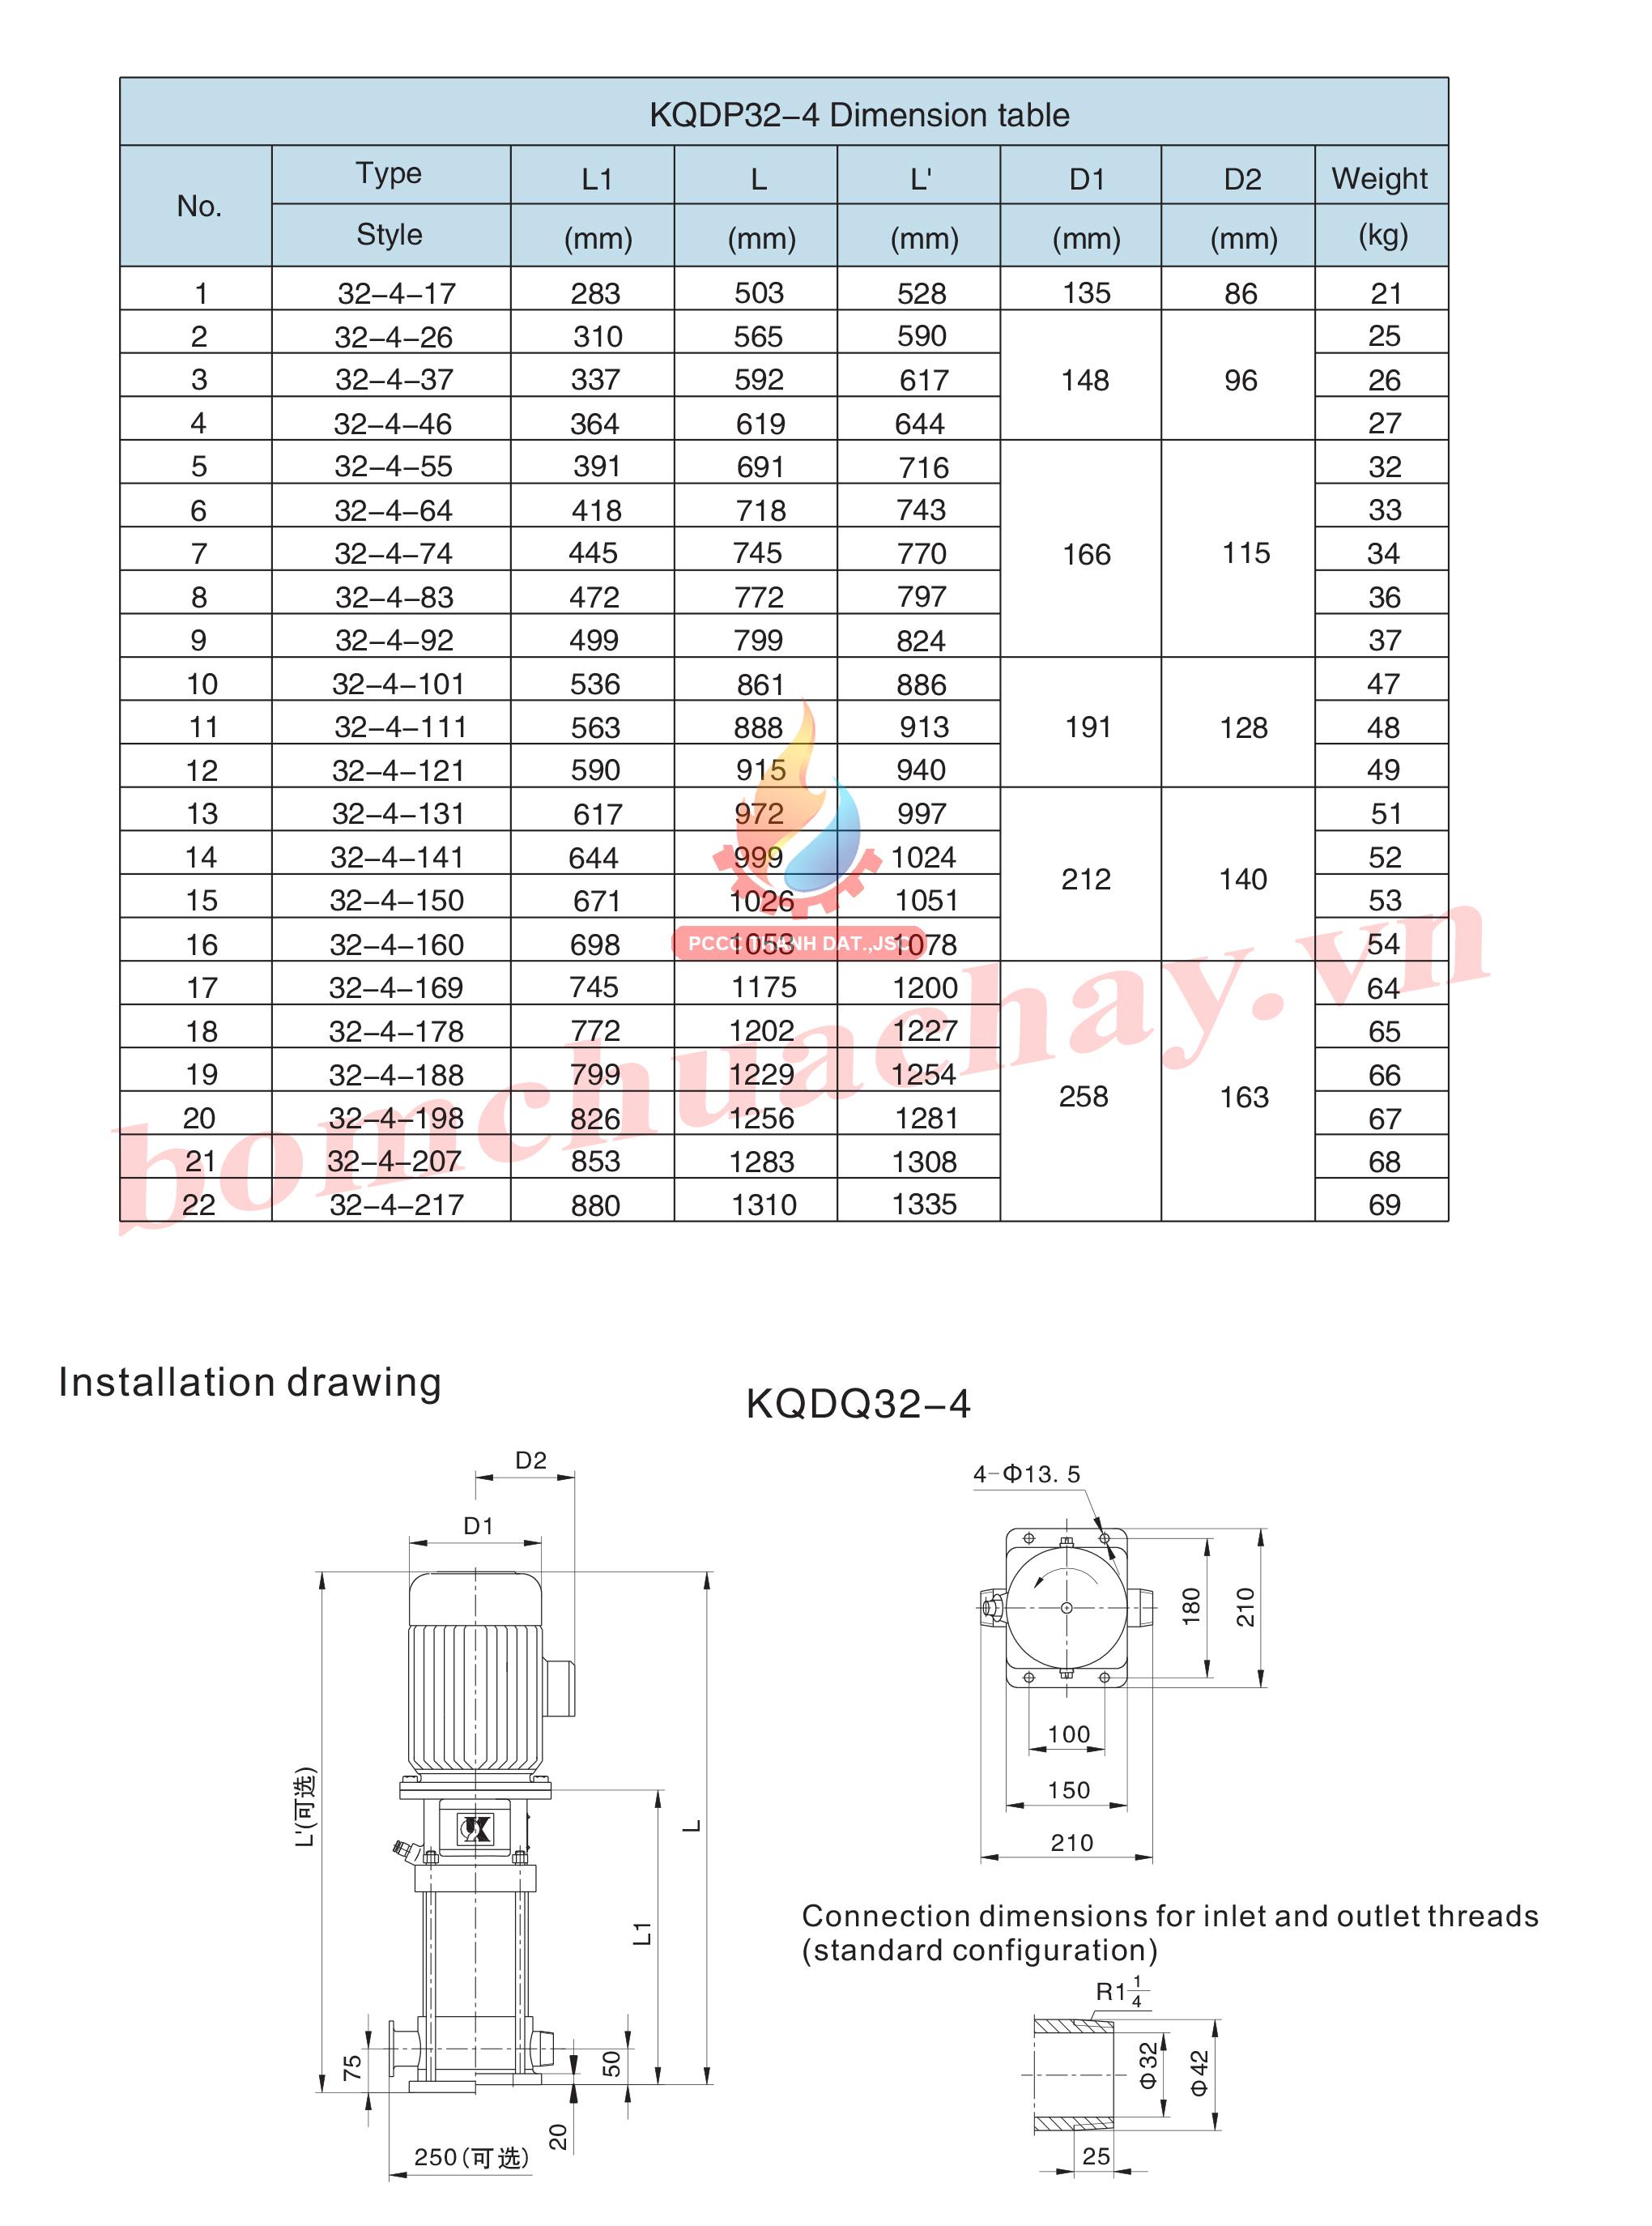 máy bơm bù áp KQDP/KQDQ32-4-121 4HP